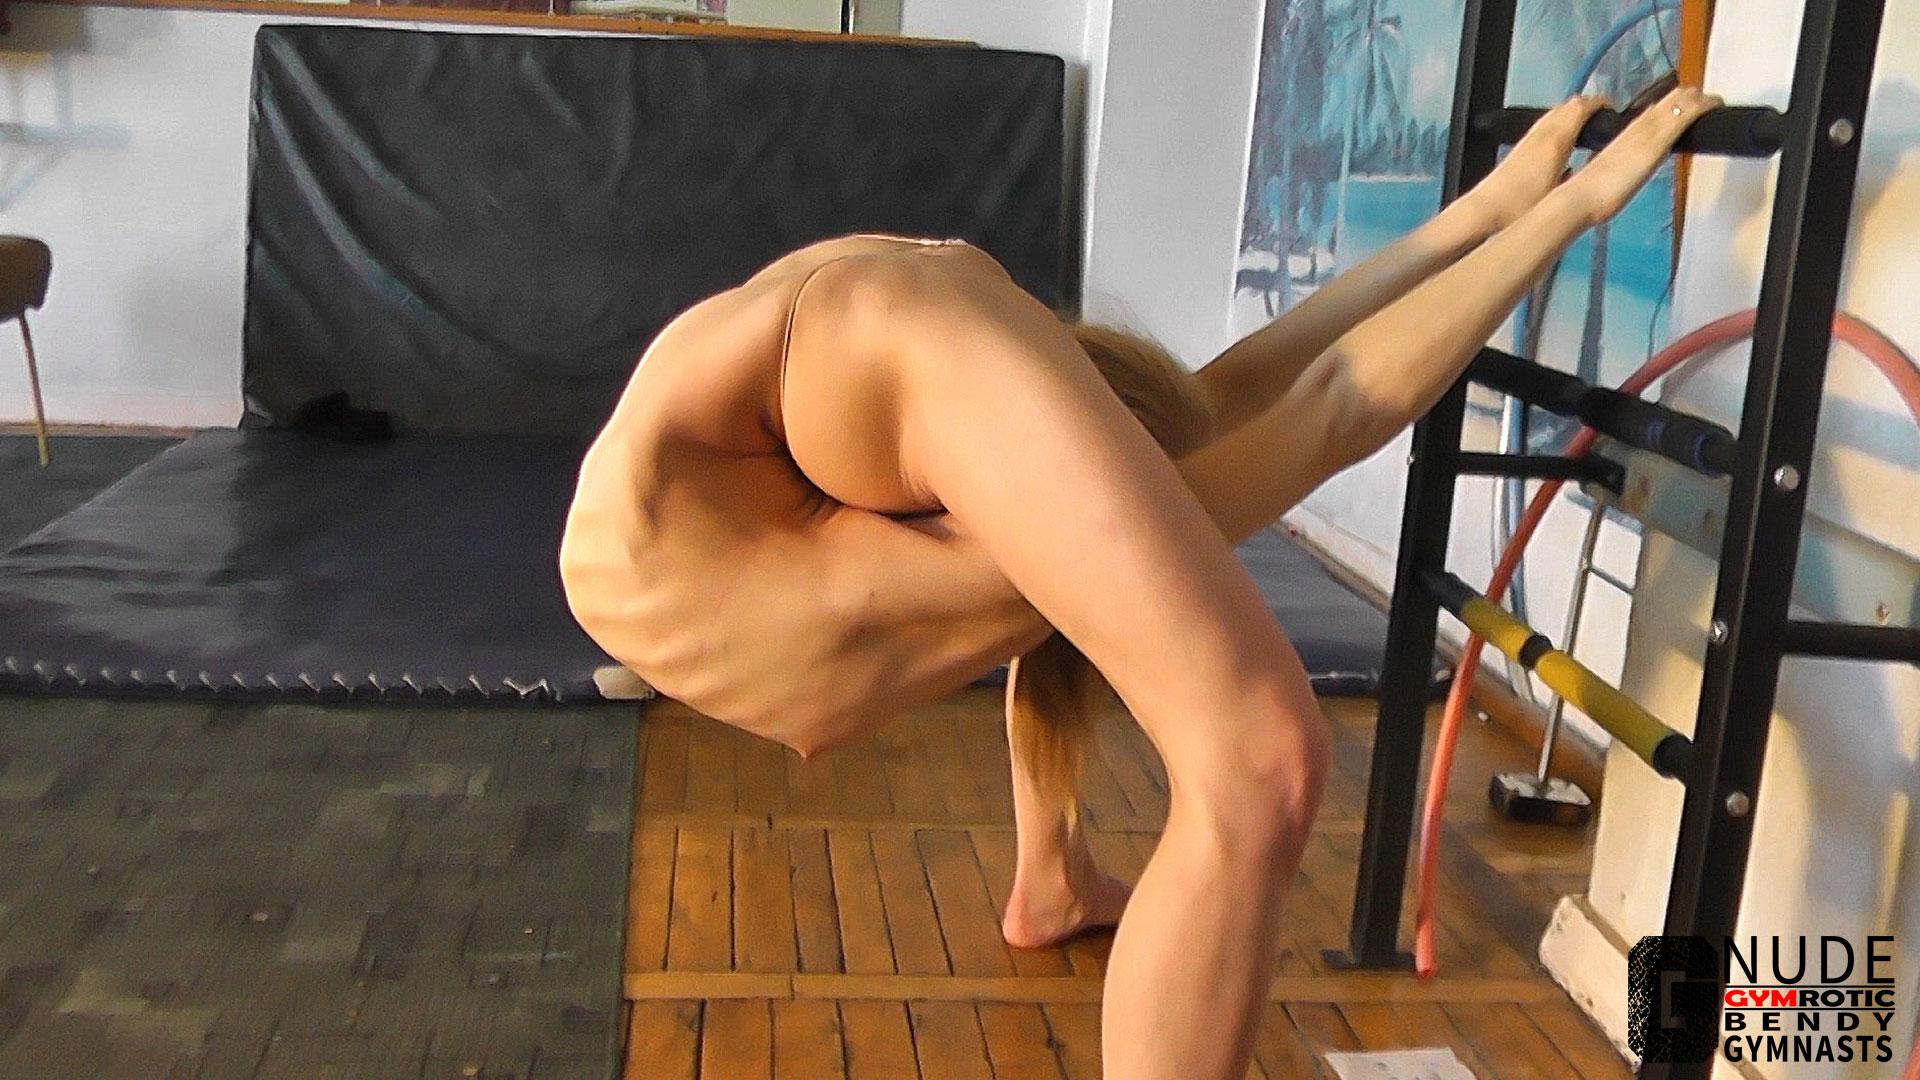 Gymnastic Leotard Dildo Free Sex Pics